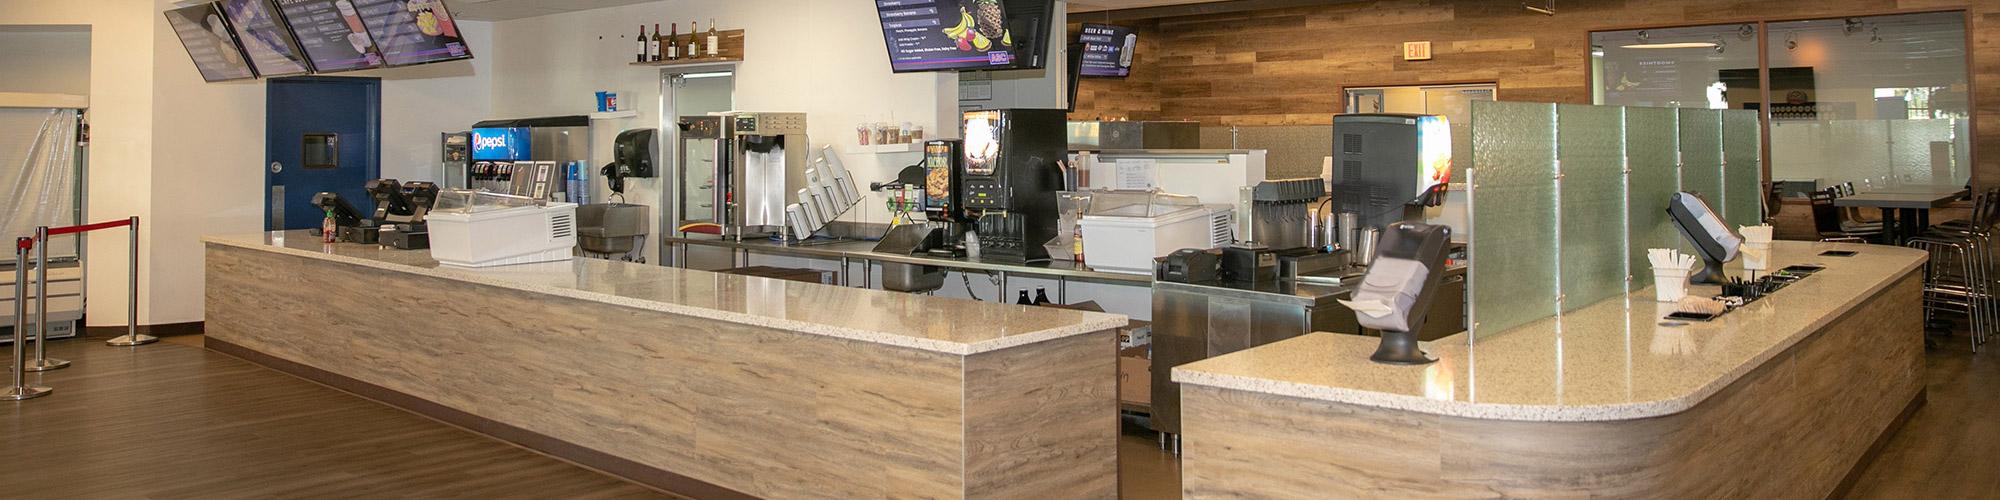 ASC Cafe Counter